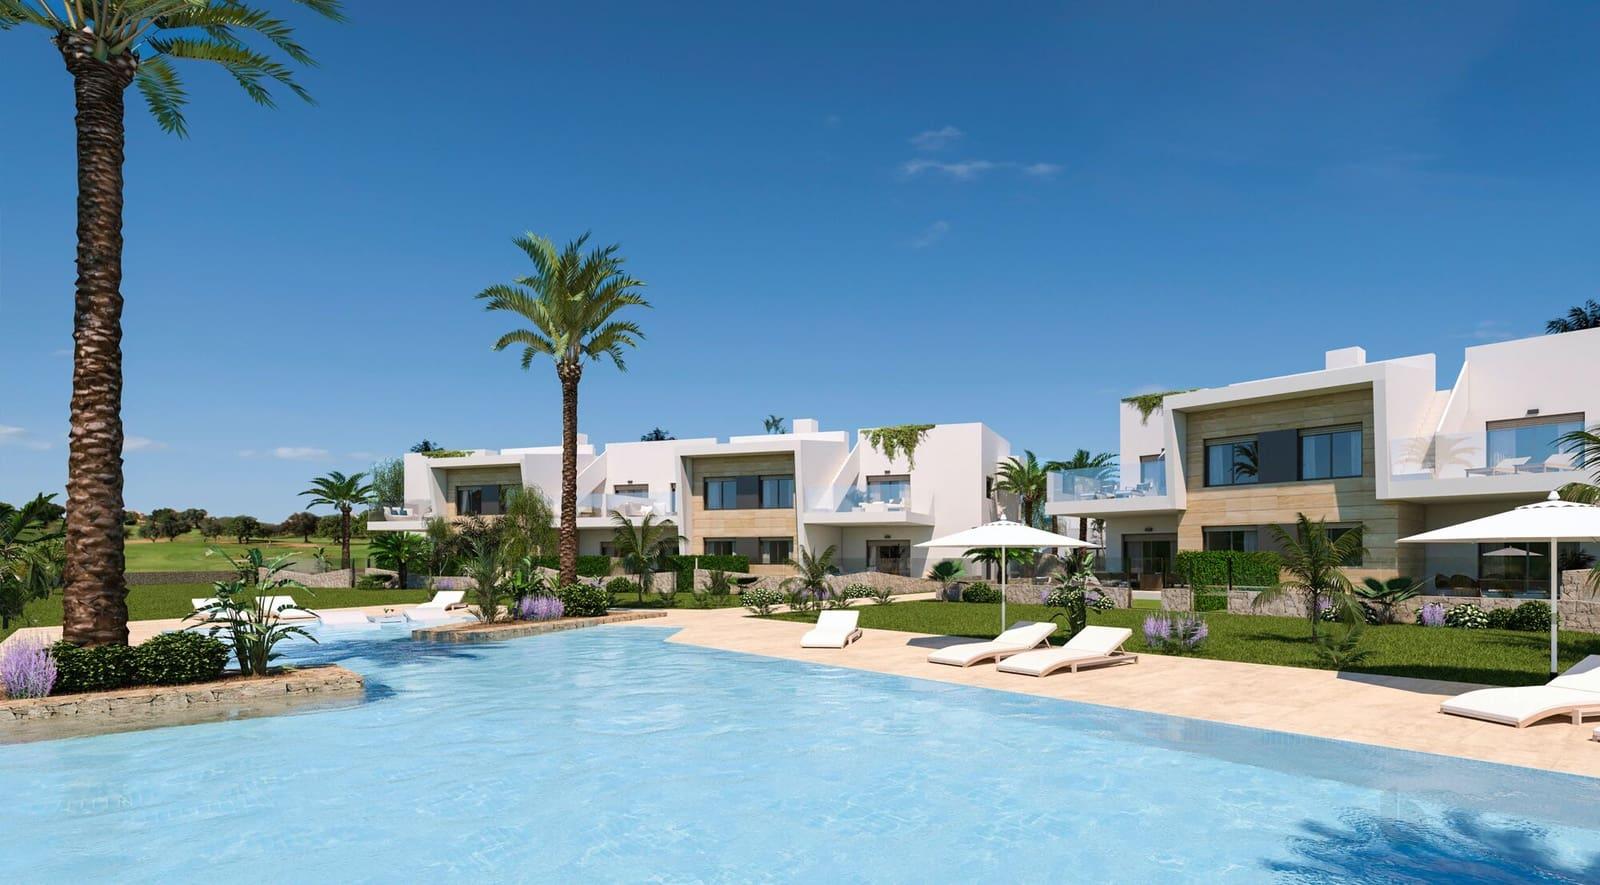 Apartamento de 3 habitaciones en Pilar de la Horadada en venta con piscina - 156.400 € (Ref: 4816588)